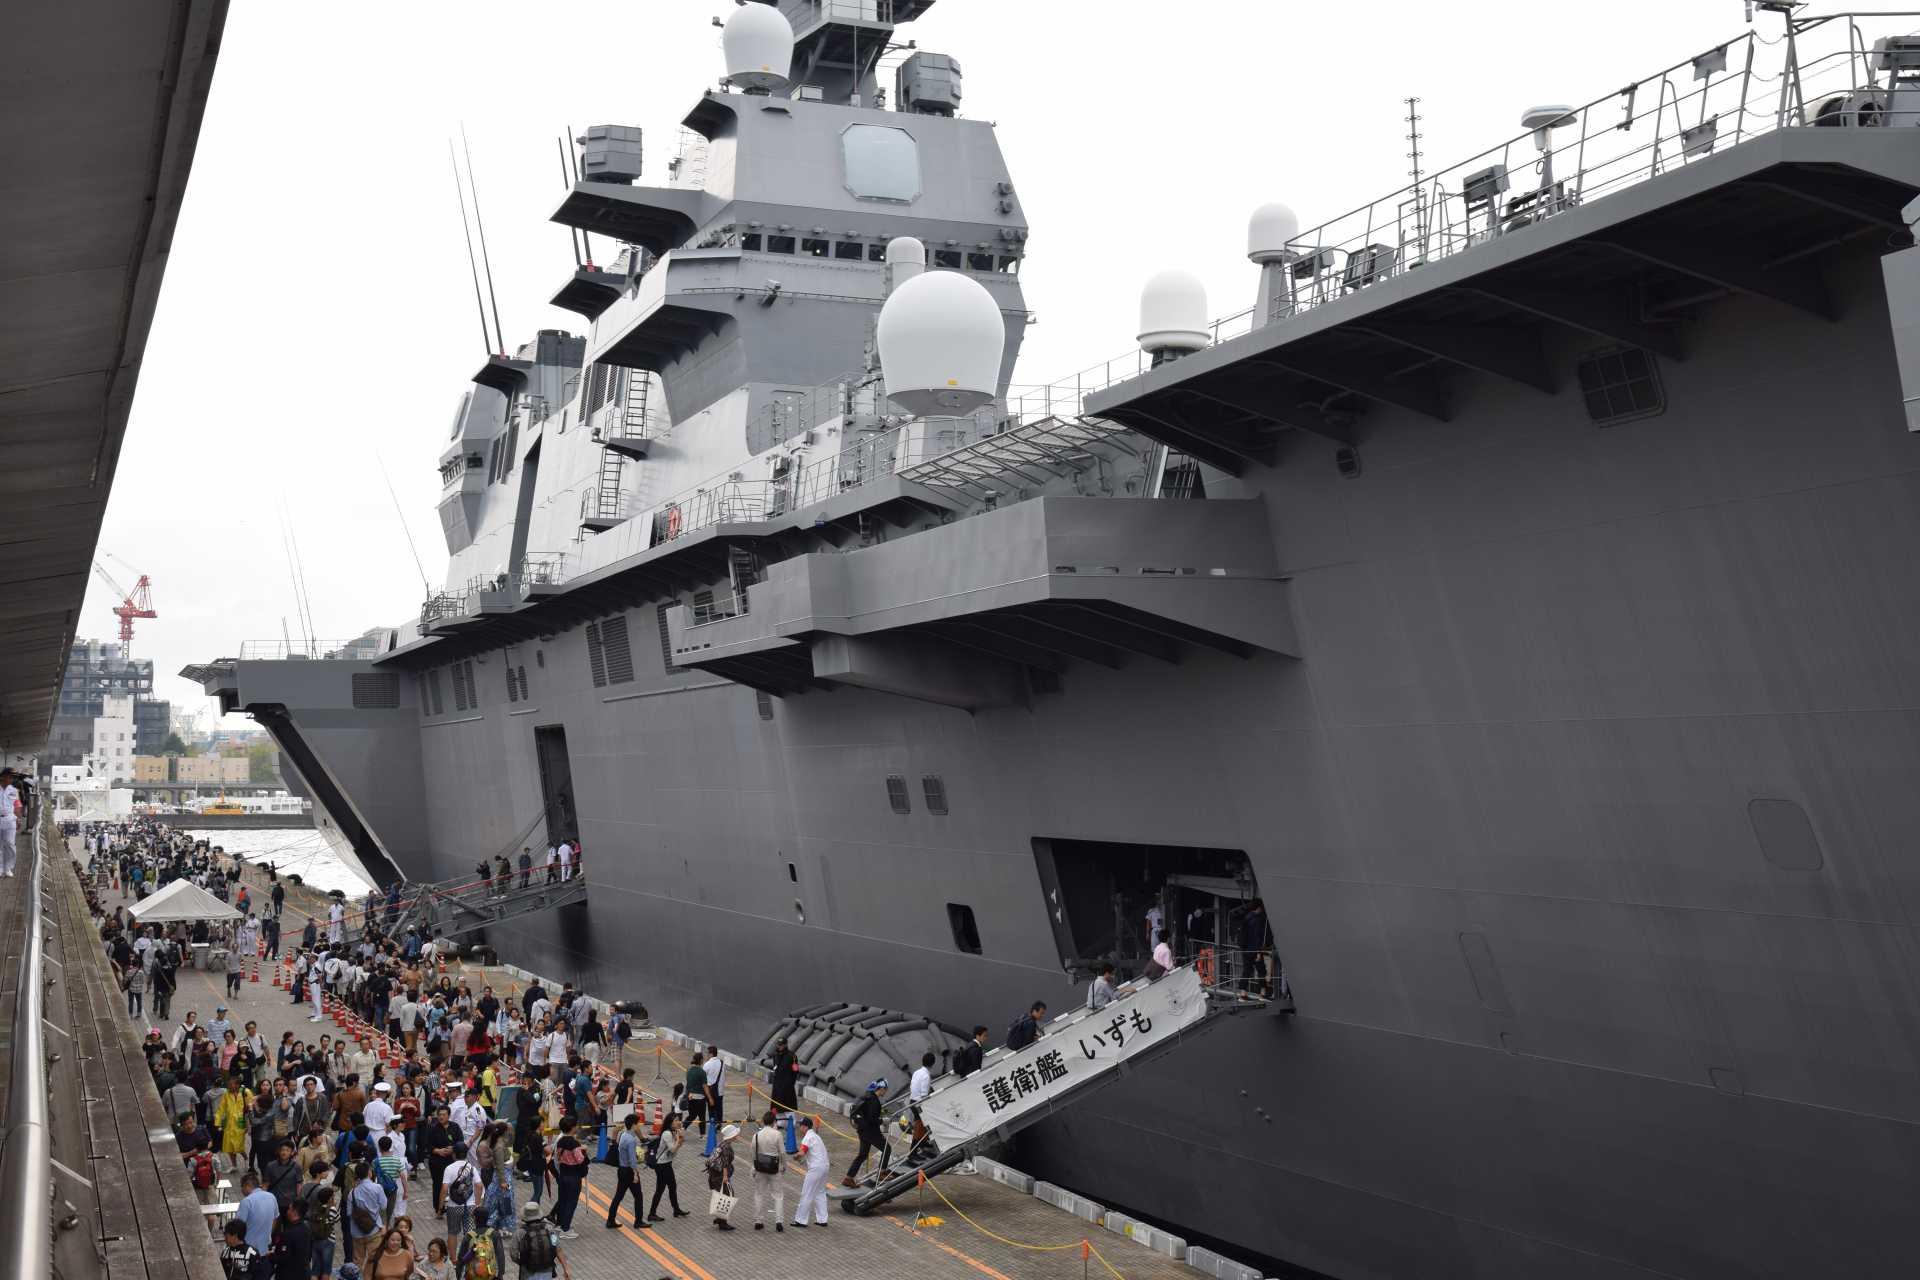 護衛艦「いずも」一般公開の様子(横浜港大さん橋国際客船ターミナル)